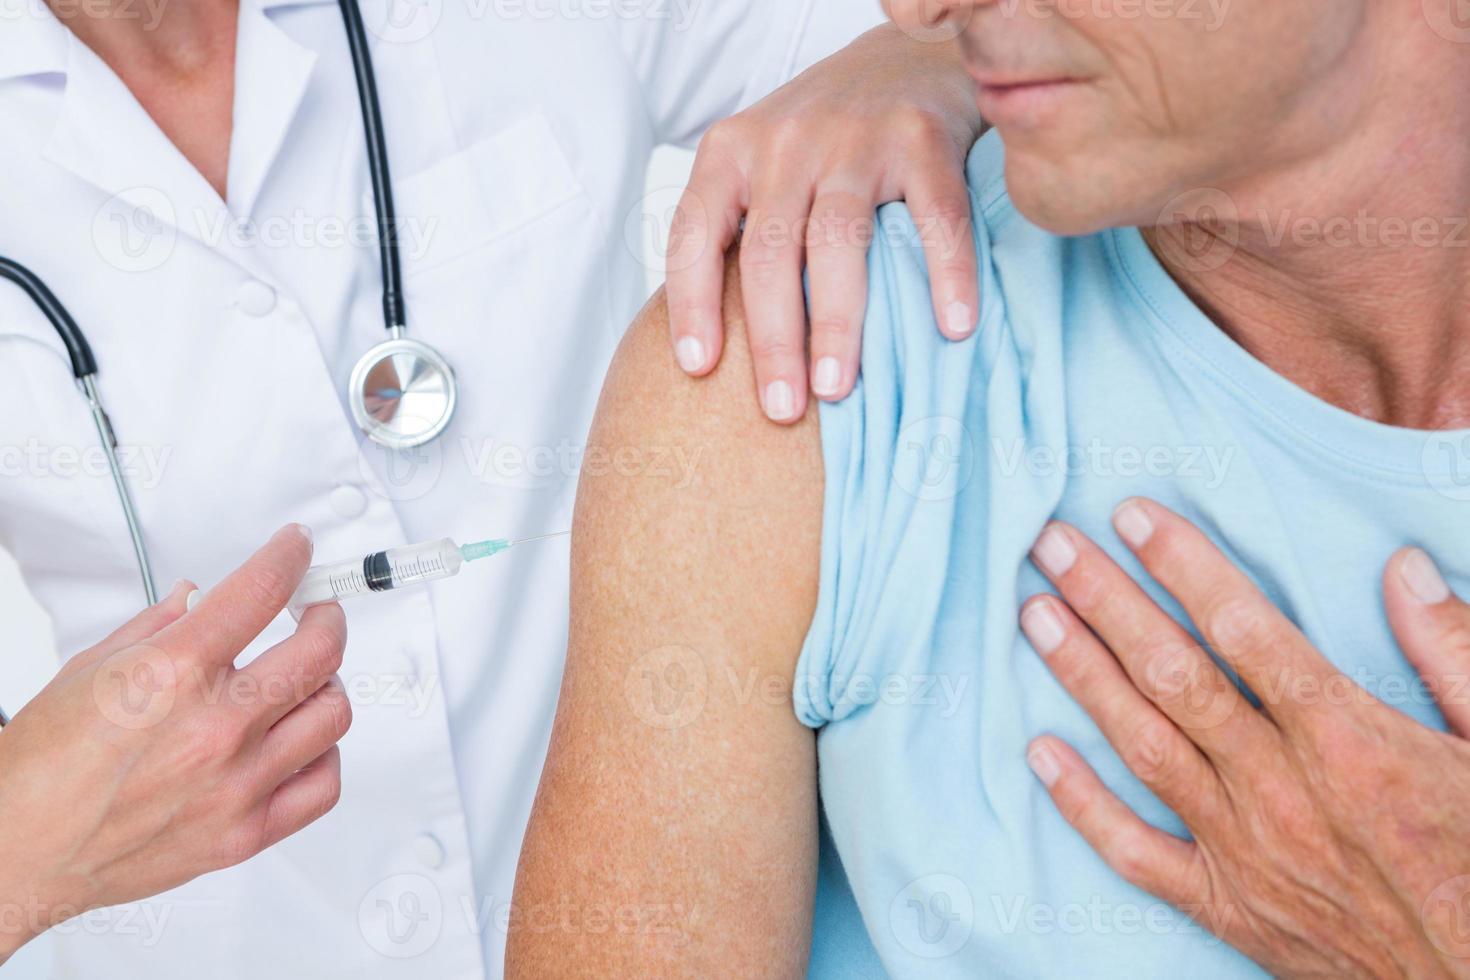 arts die een injectie doet aan haar patiënt foto